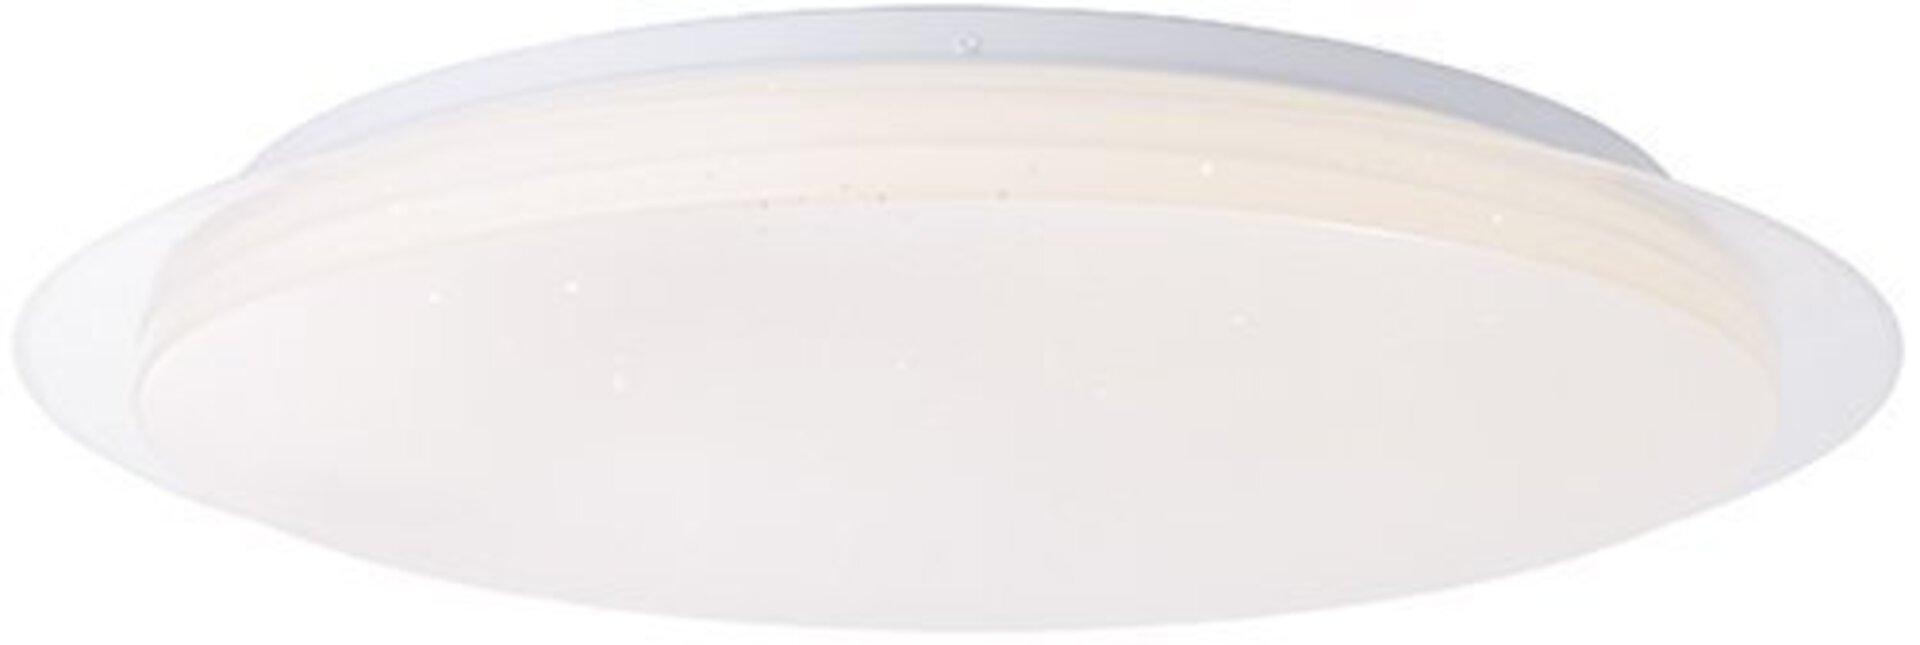 Deckenleuchte VITTORIA Brilliant Kunststoff weiß 57 x 9 x 57 cm